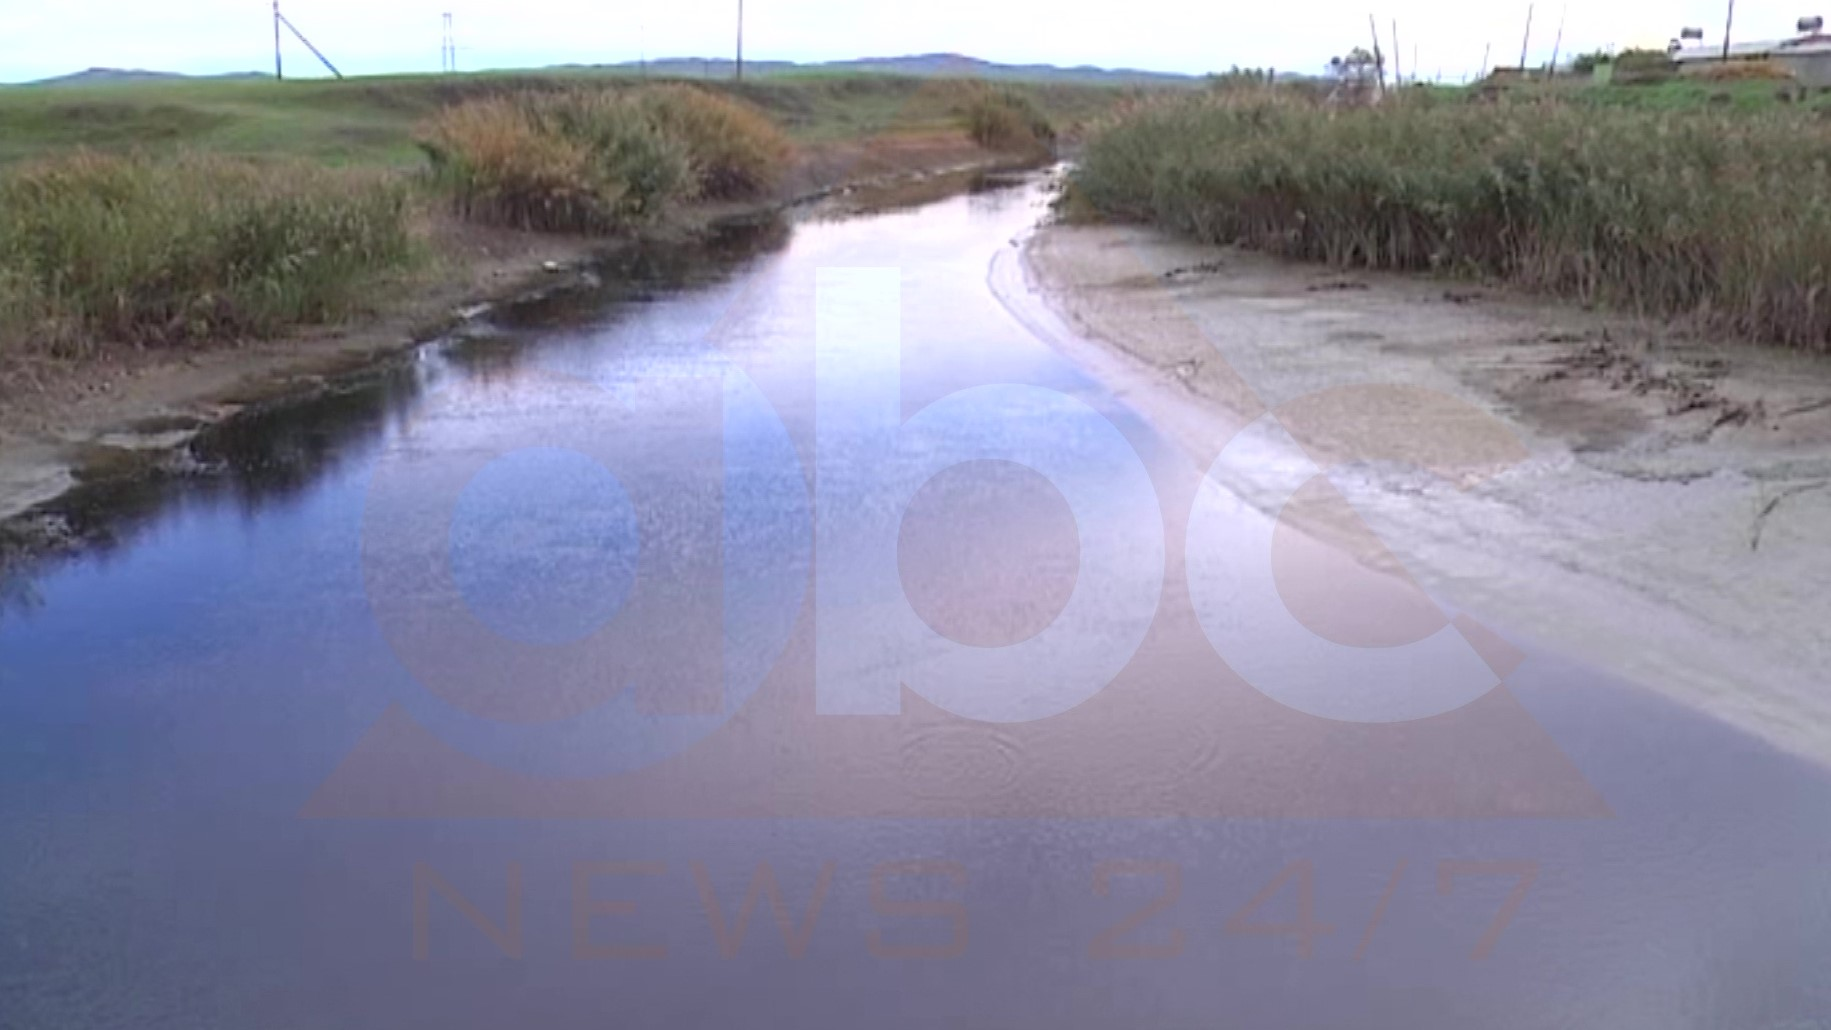 Katastrofë në emisarin e Myzeqesë, peshku në sipërfaqe